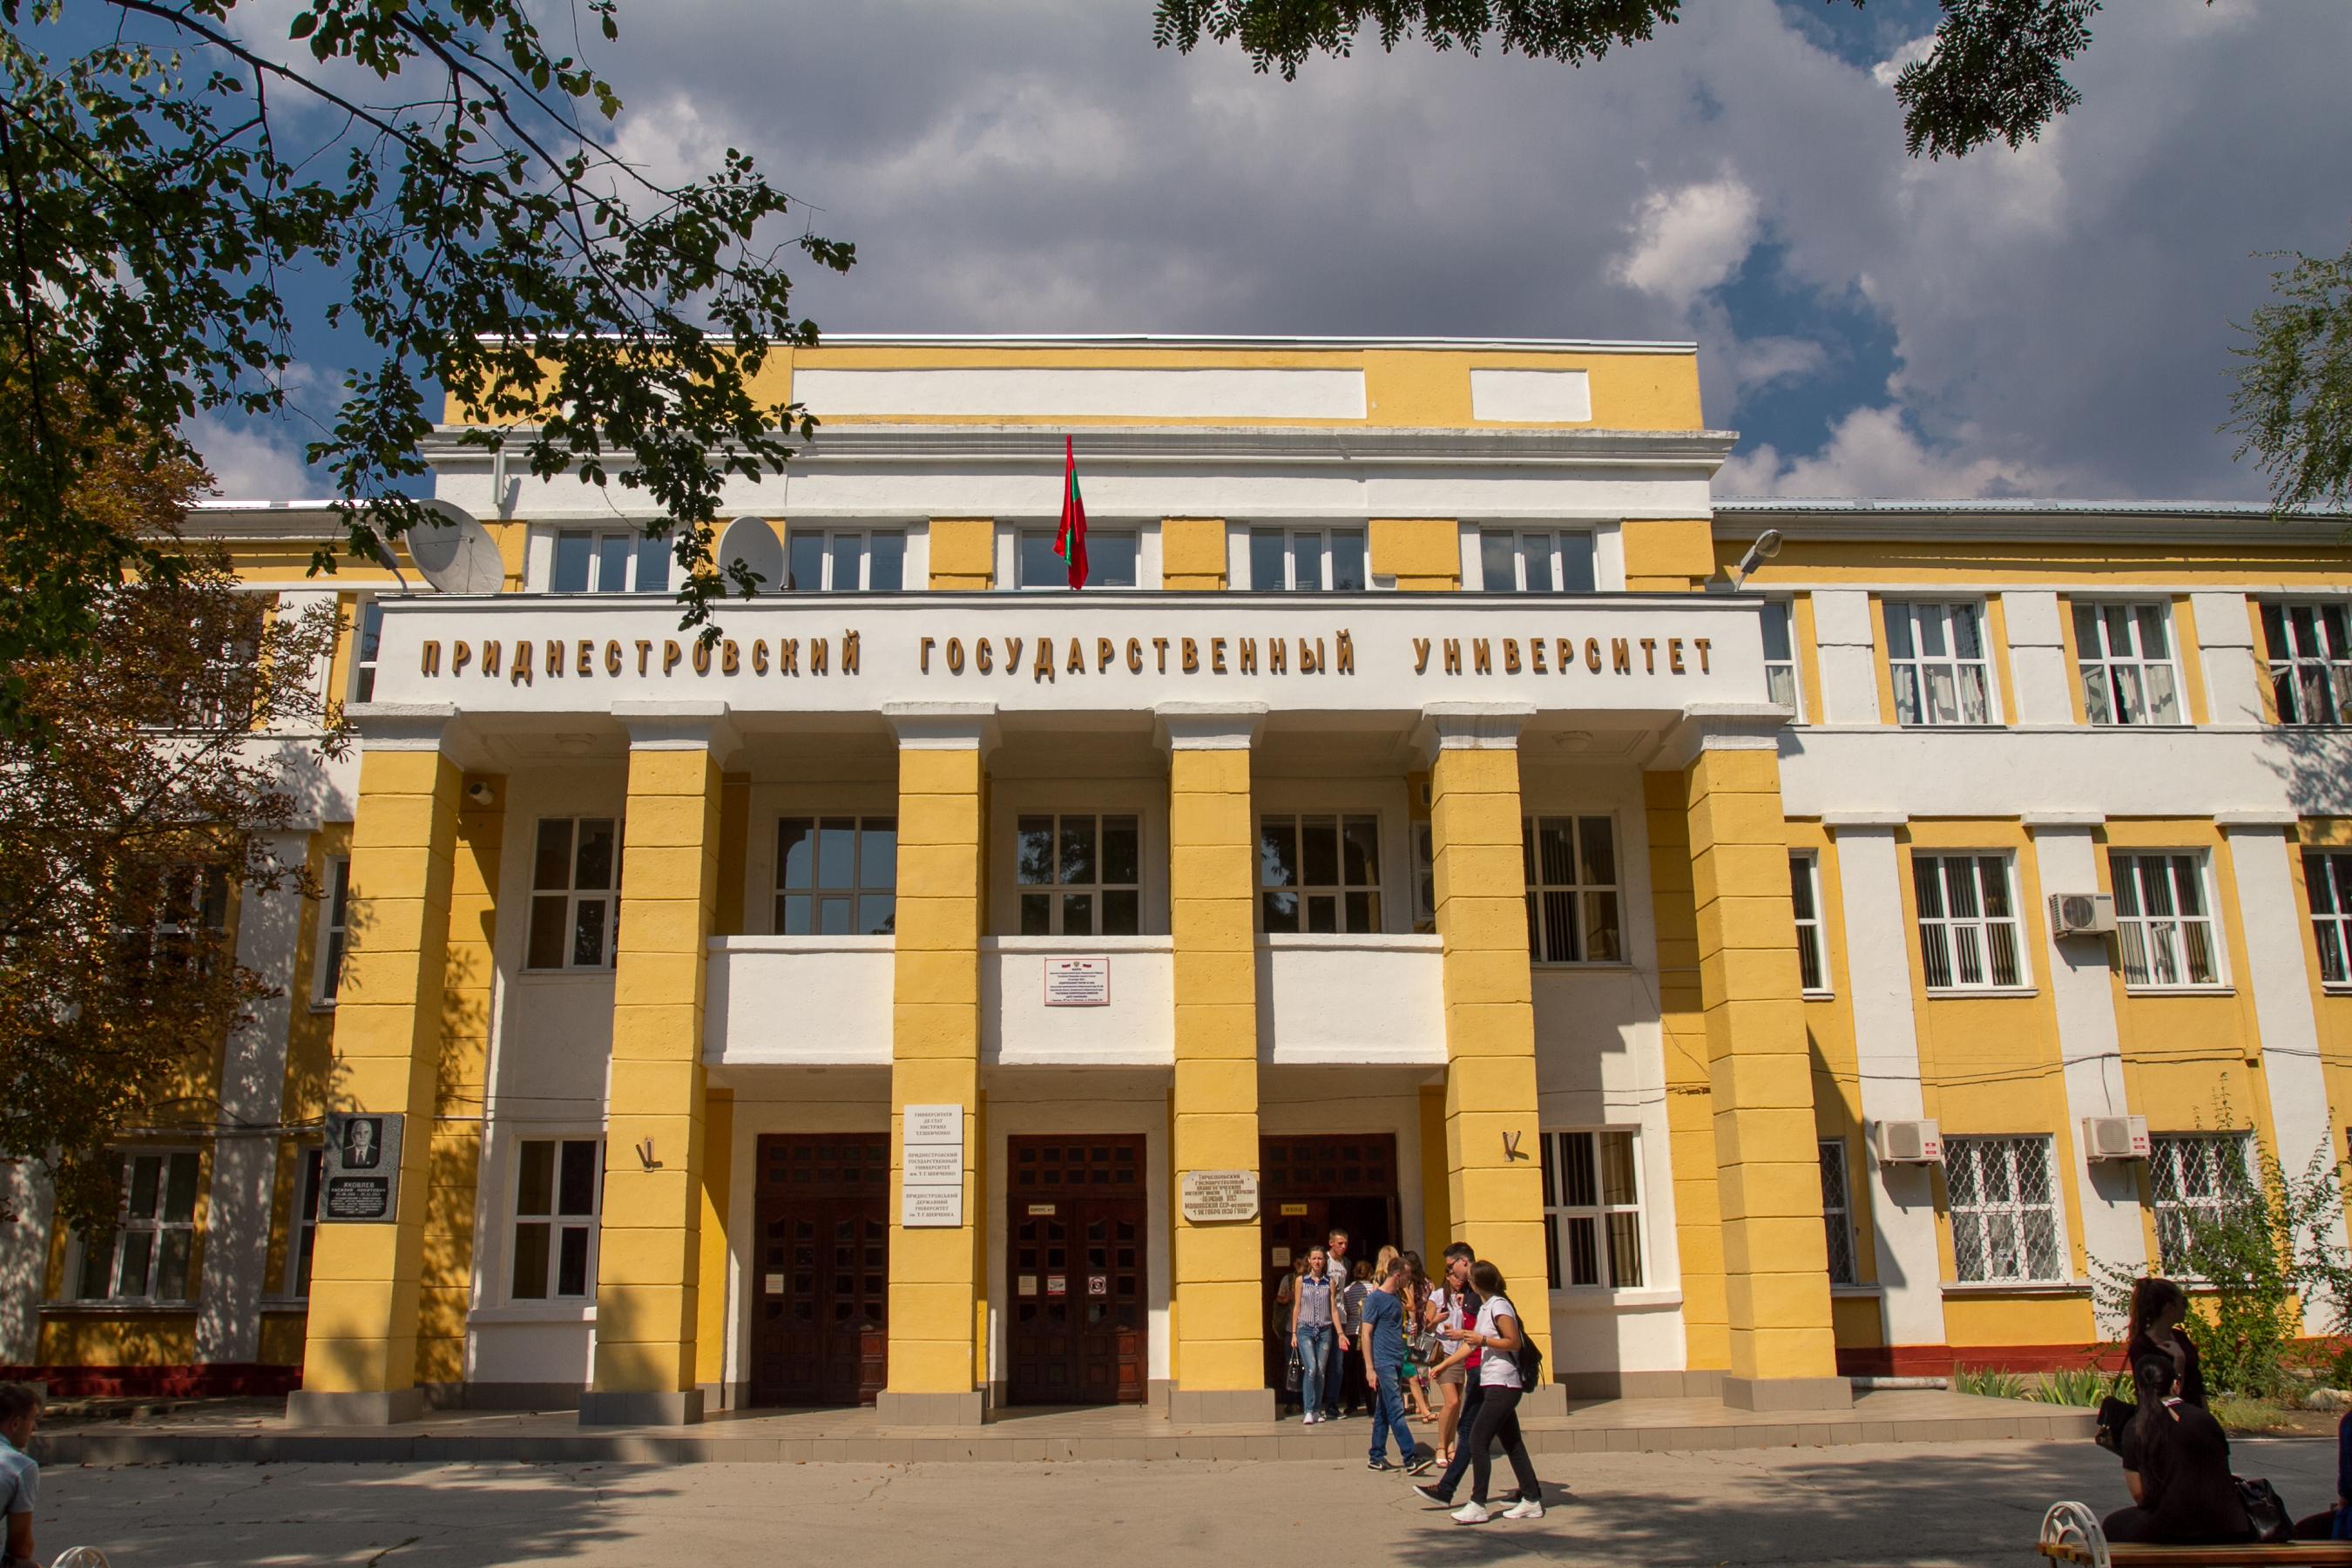 Foto-Besuch_UniVersität_in_Tiraspol